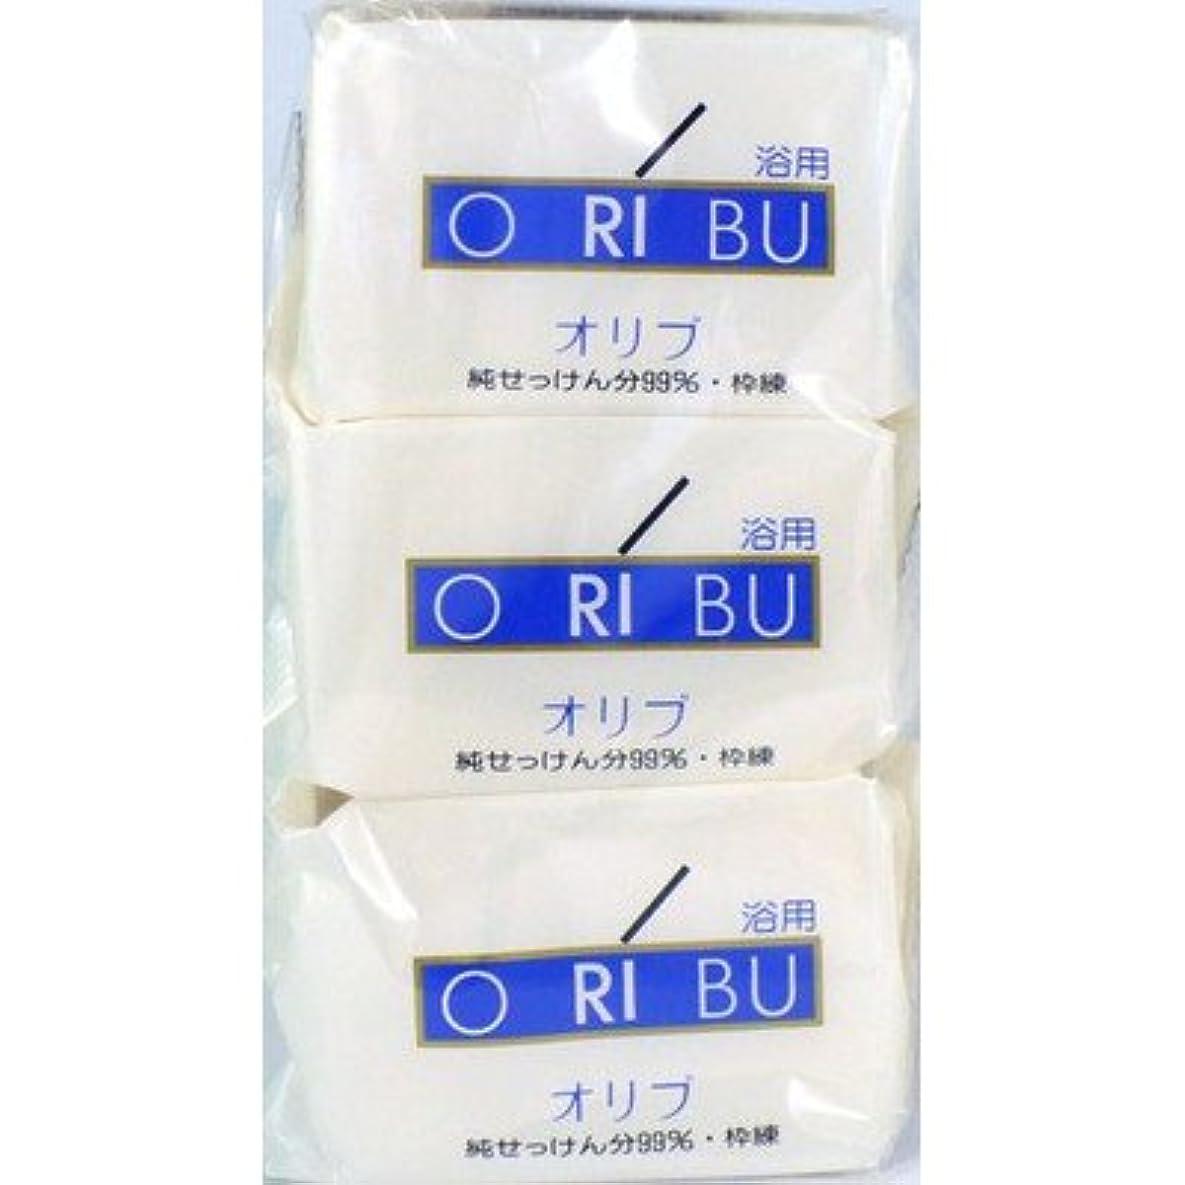 怪物行う腕暁石鹸 ORIBU オリブ 浴用石鹸 110g 3個入り